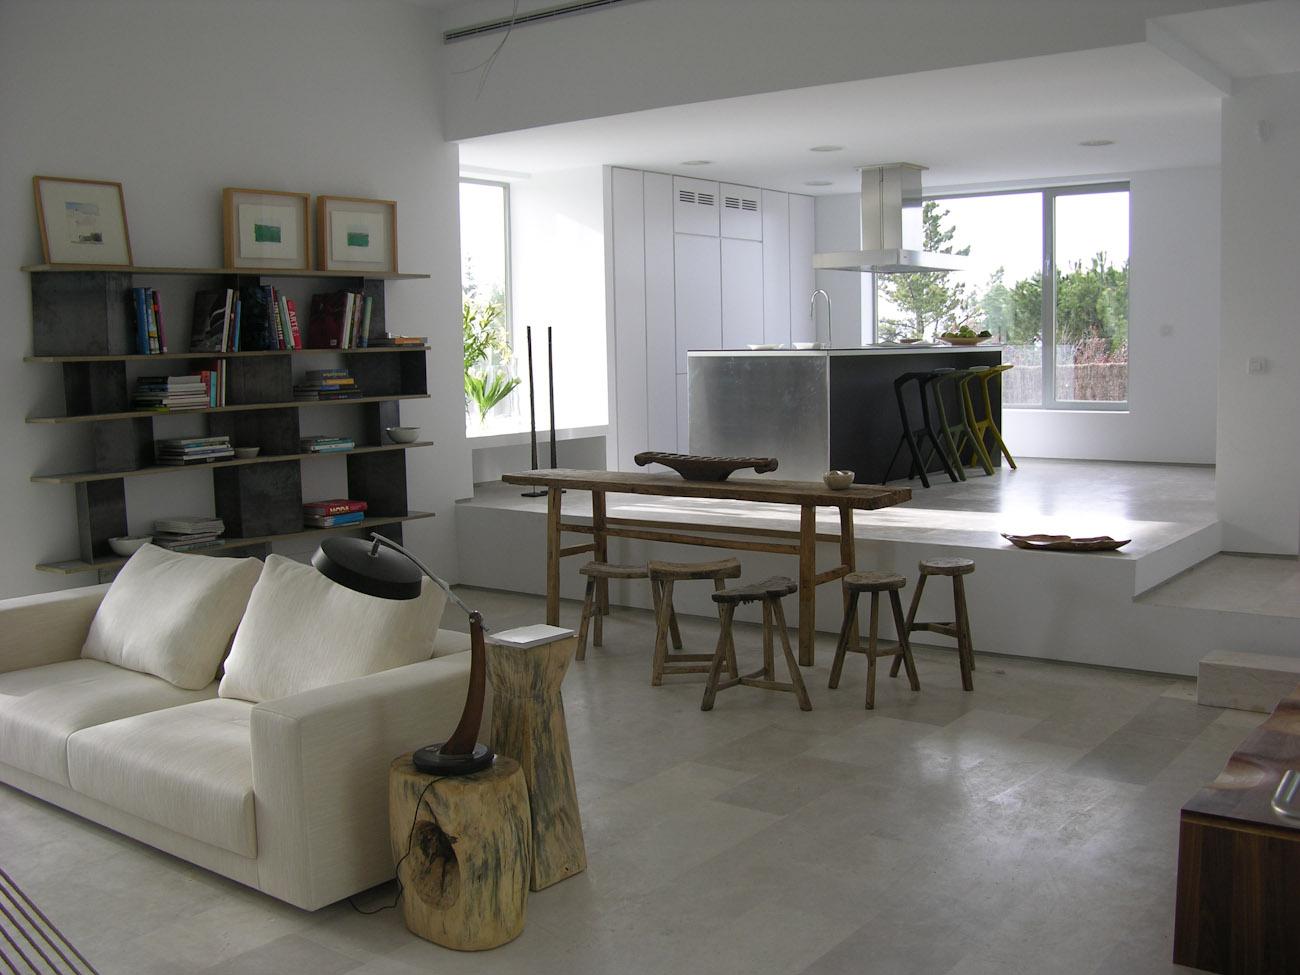 salón de una casa ÁBATON proyecto decoración BATAVIA